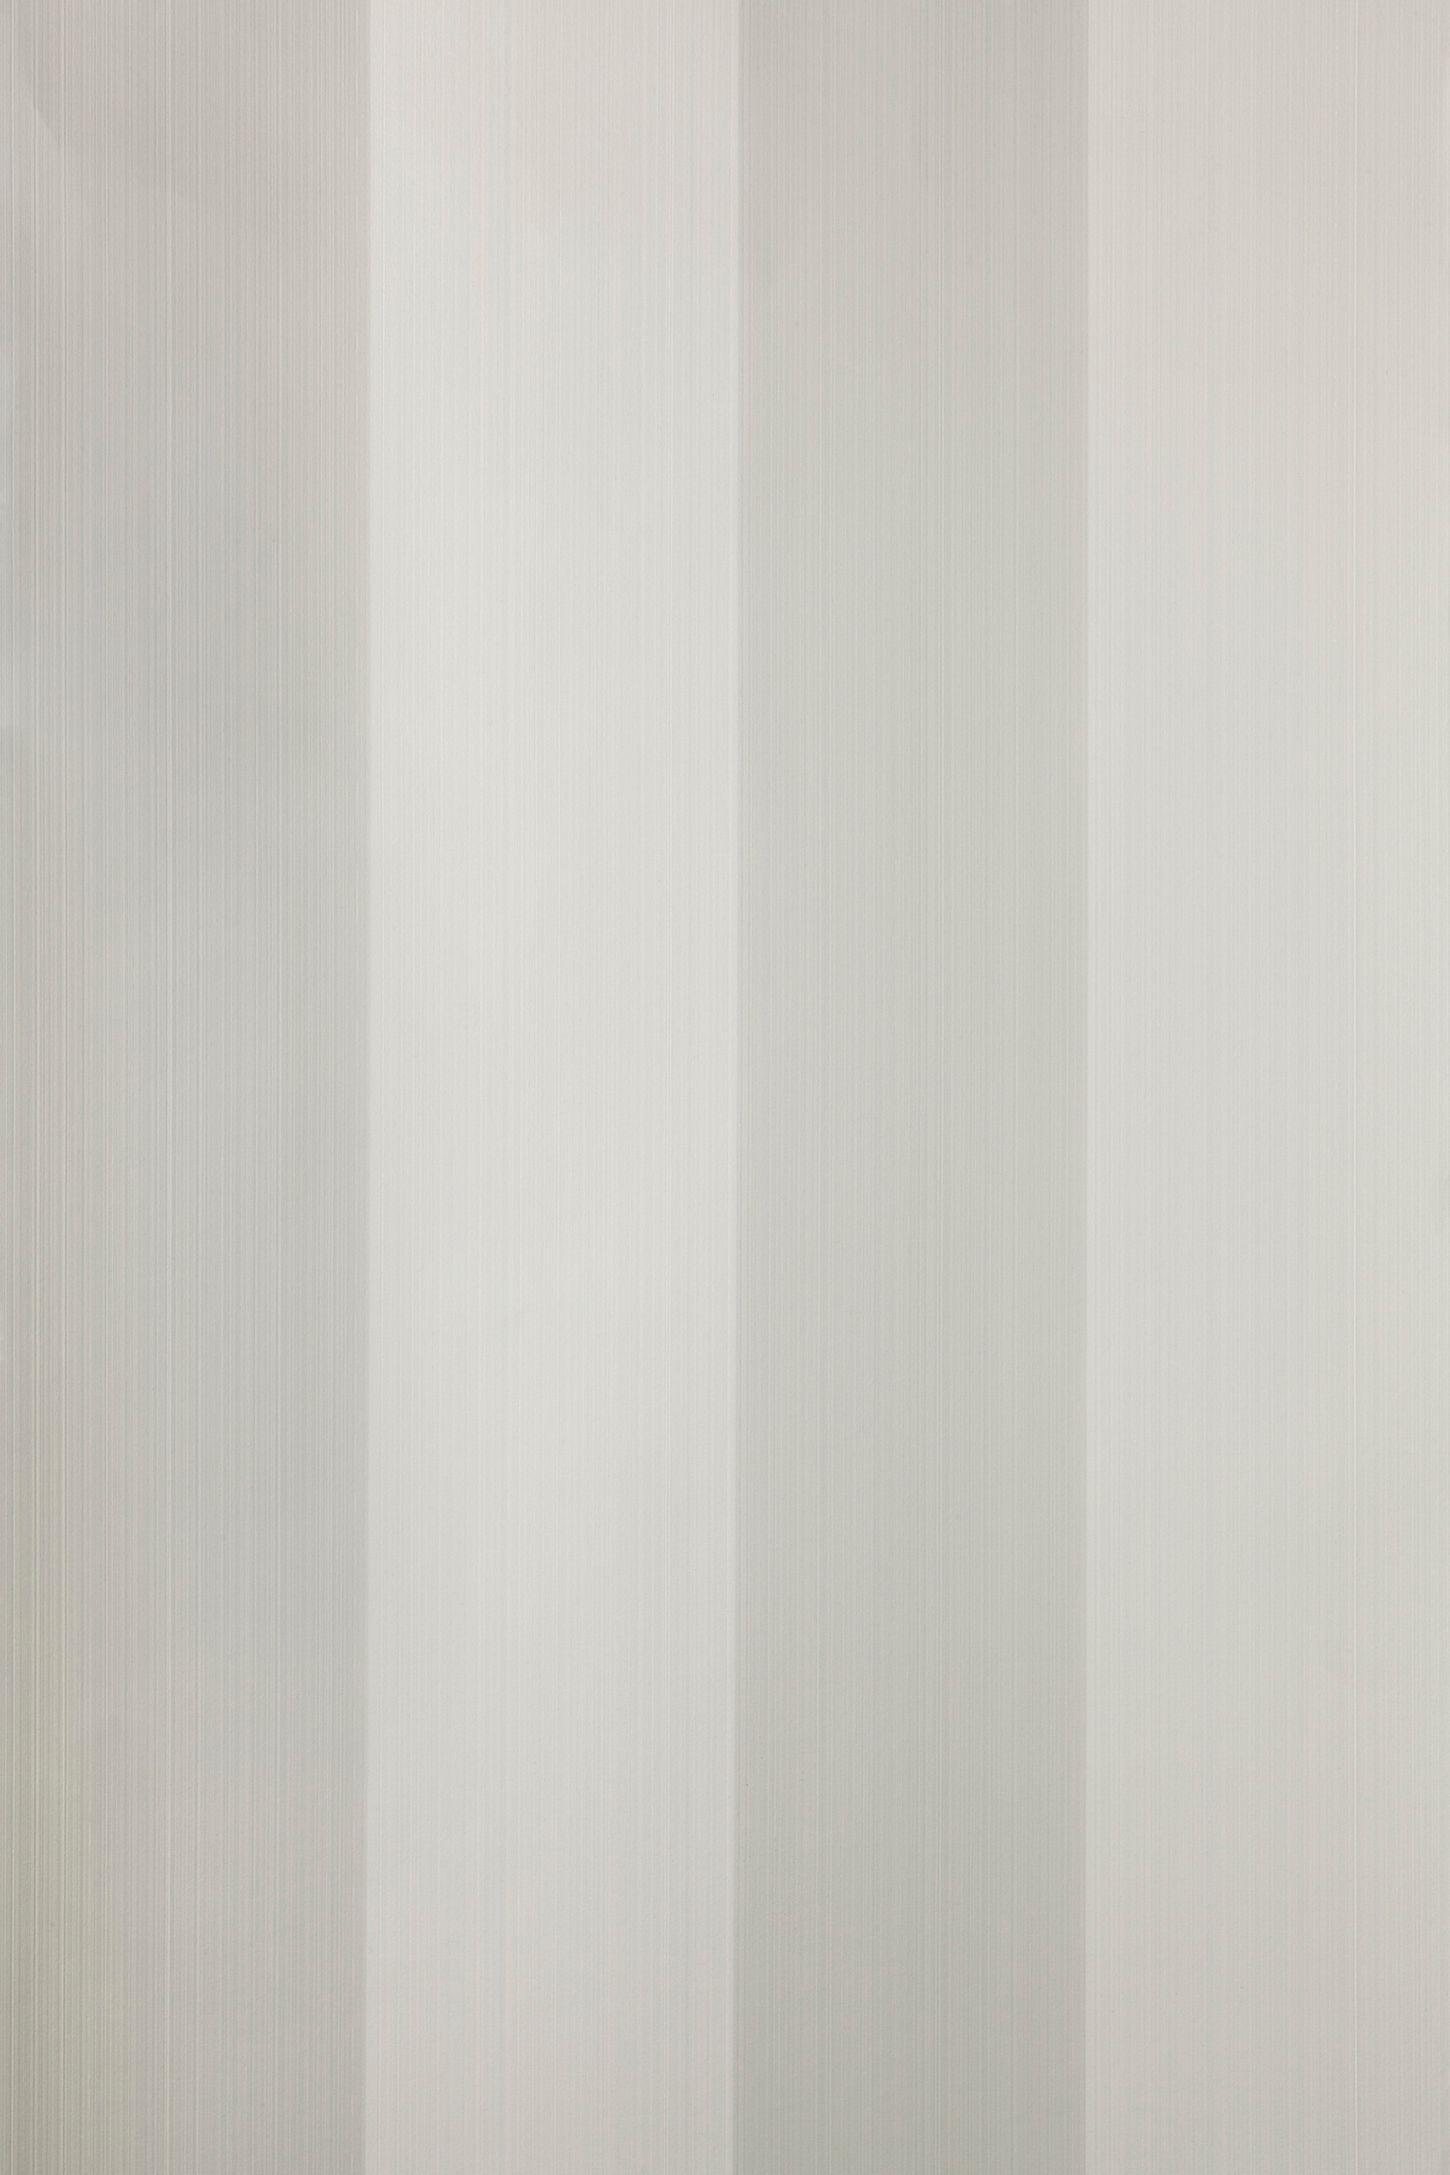 Farrow & Ball Broad Stripe Wallpaper in 2019 Striped